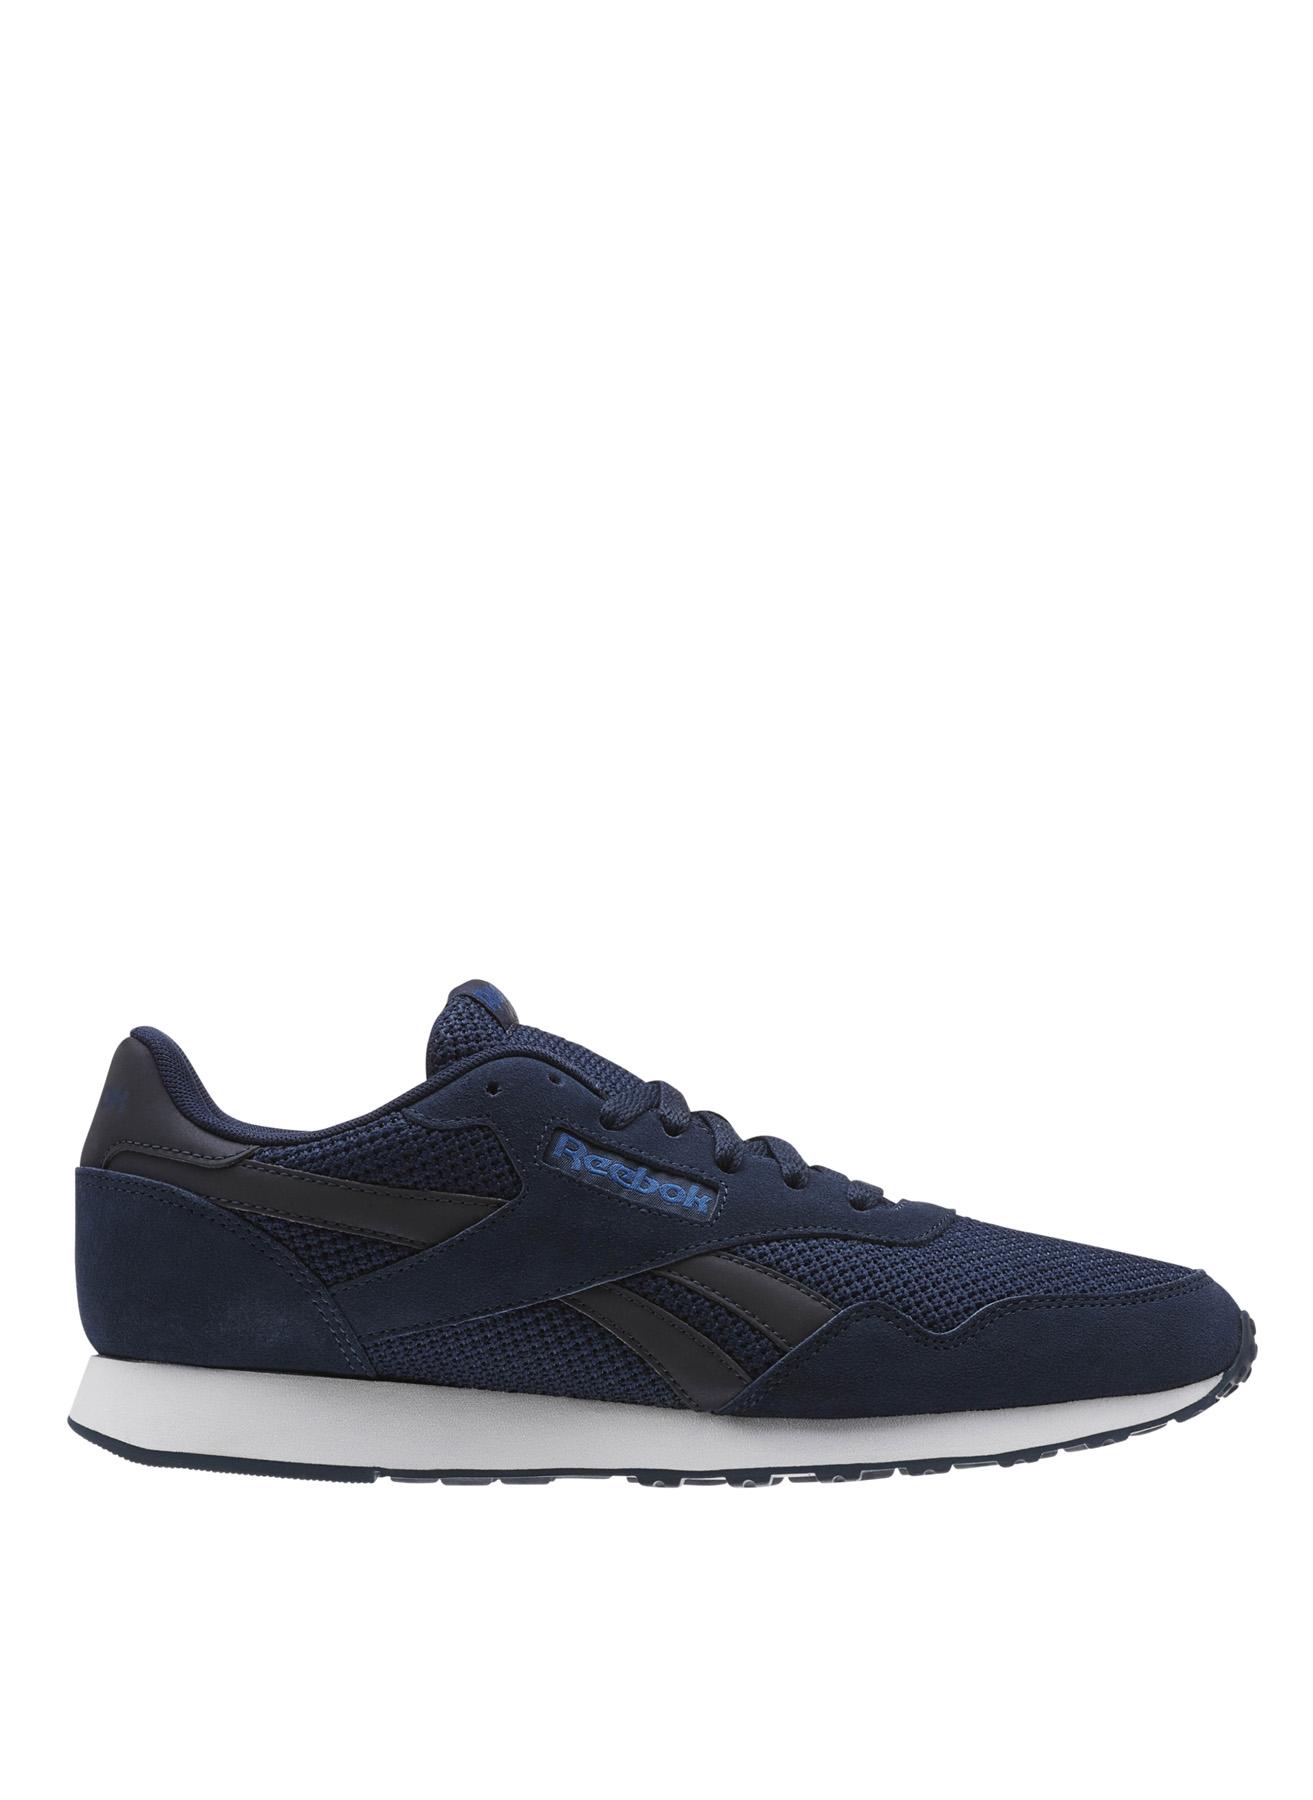 Reebok Royal Ultra Lıfestyle Ayakkabı 42 5001633289005 Ürün Resmi